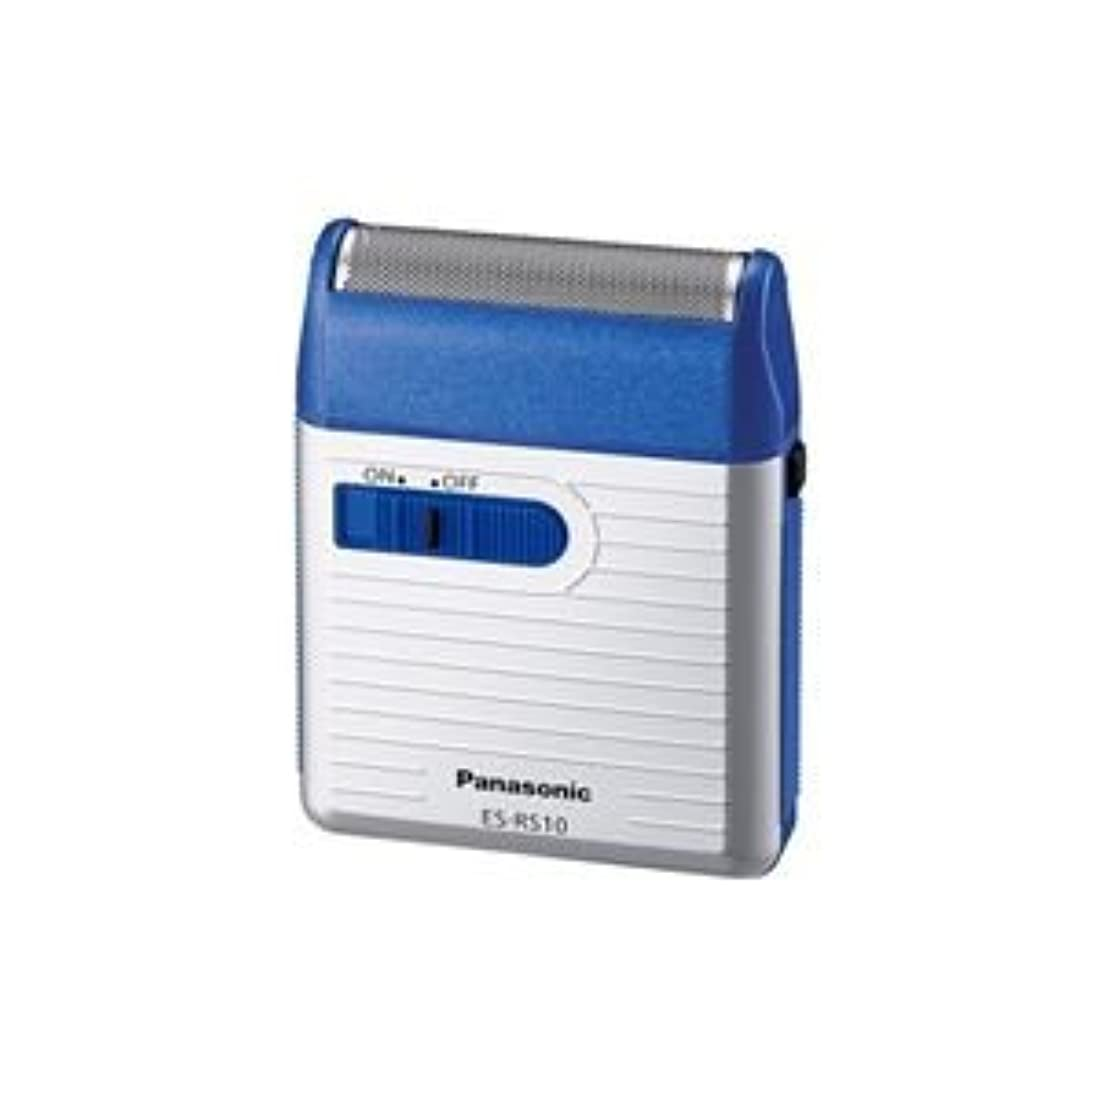 生き返らせる遷移教室Panasonic(パナソニック) メンズシェーバー ES-RS10-A 青 ds-437194